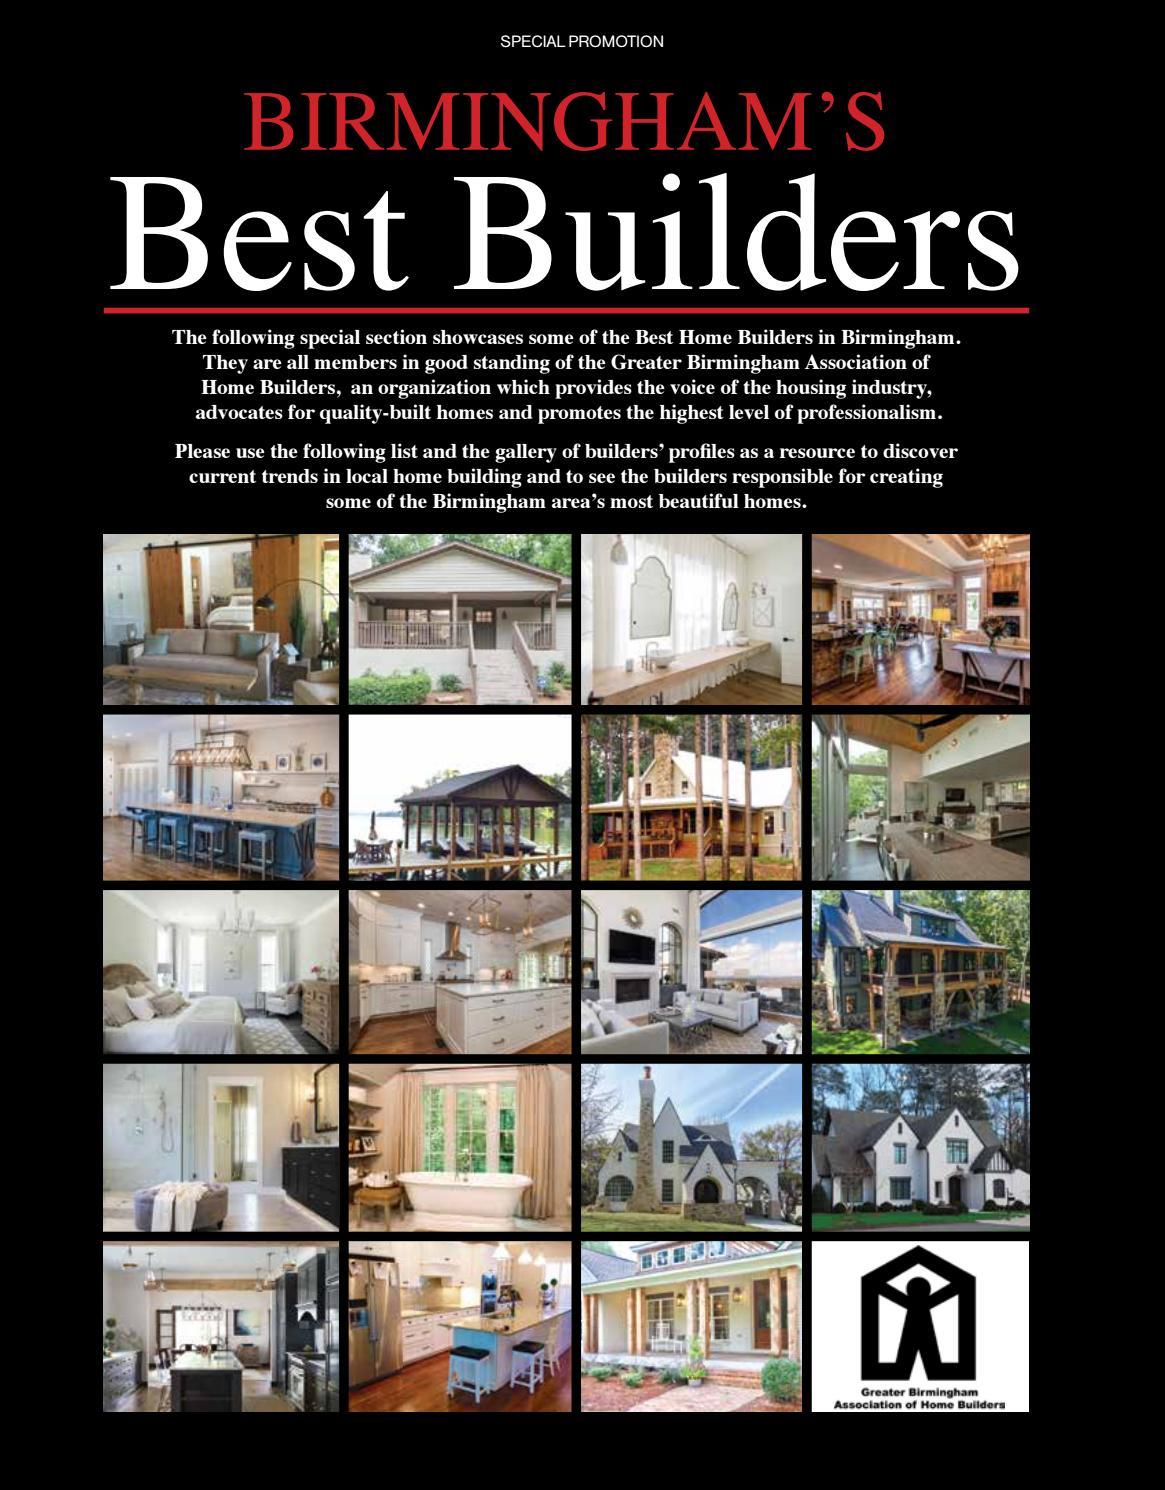 Birminghams best builders by fergus media issuu